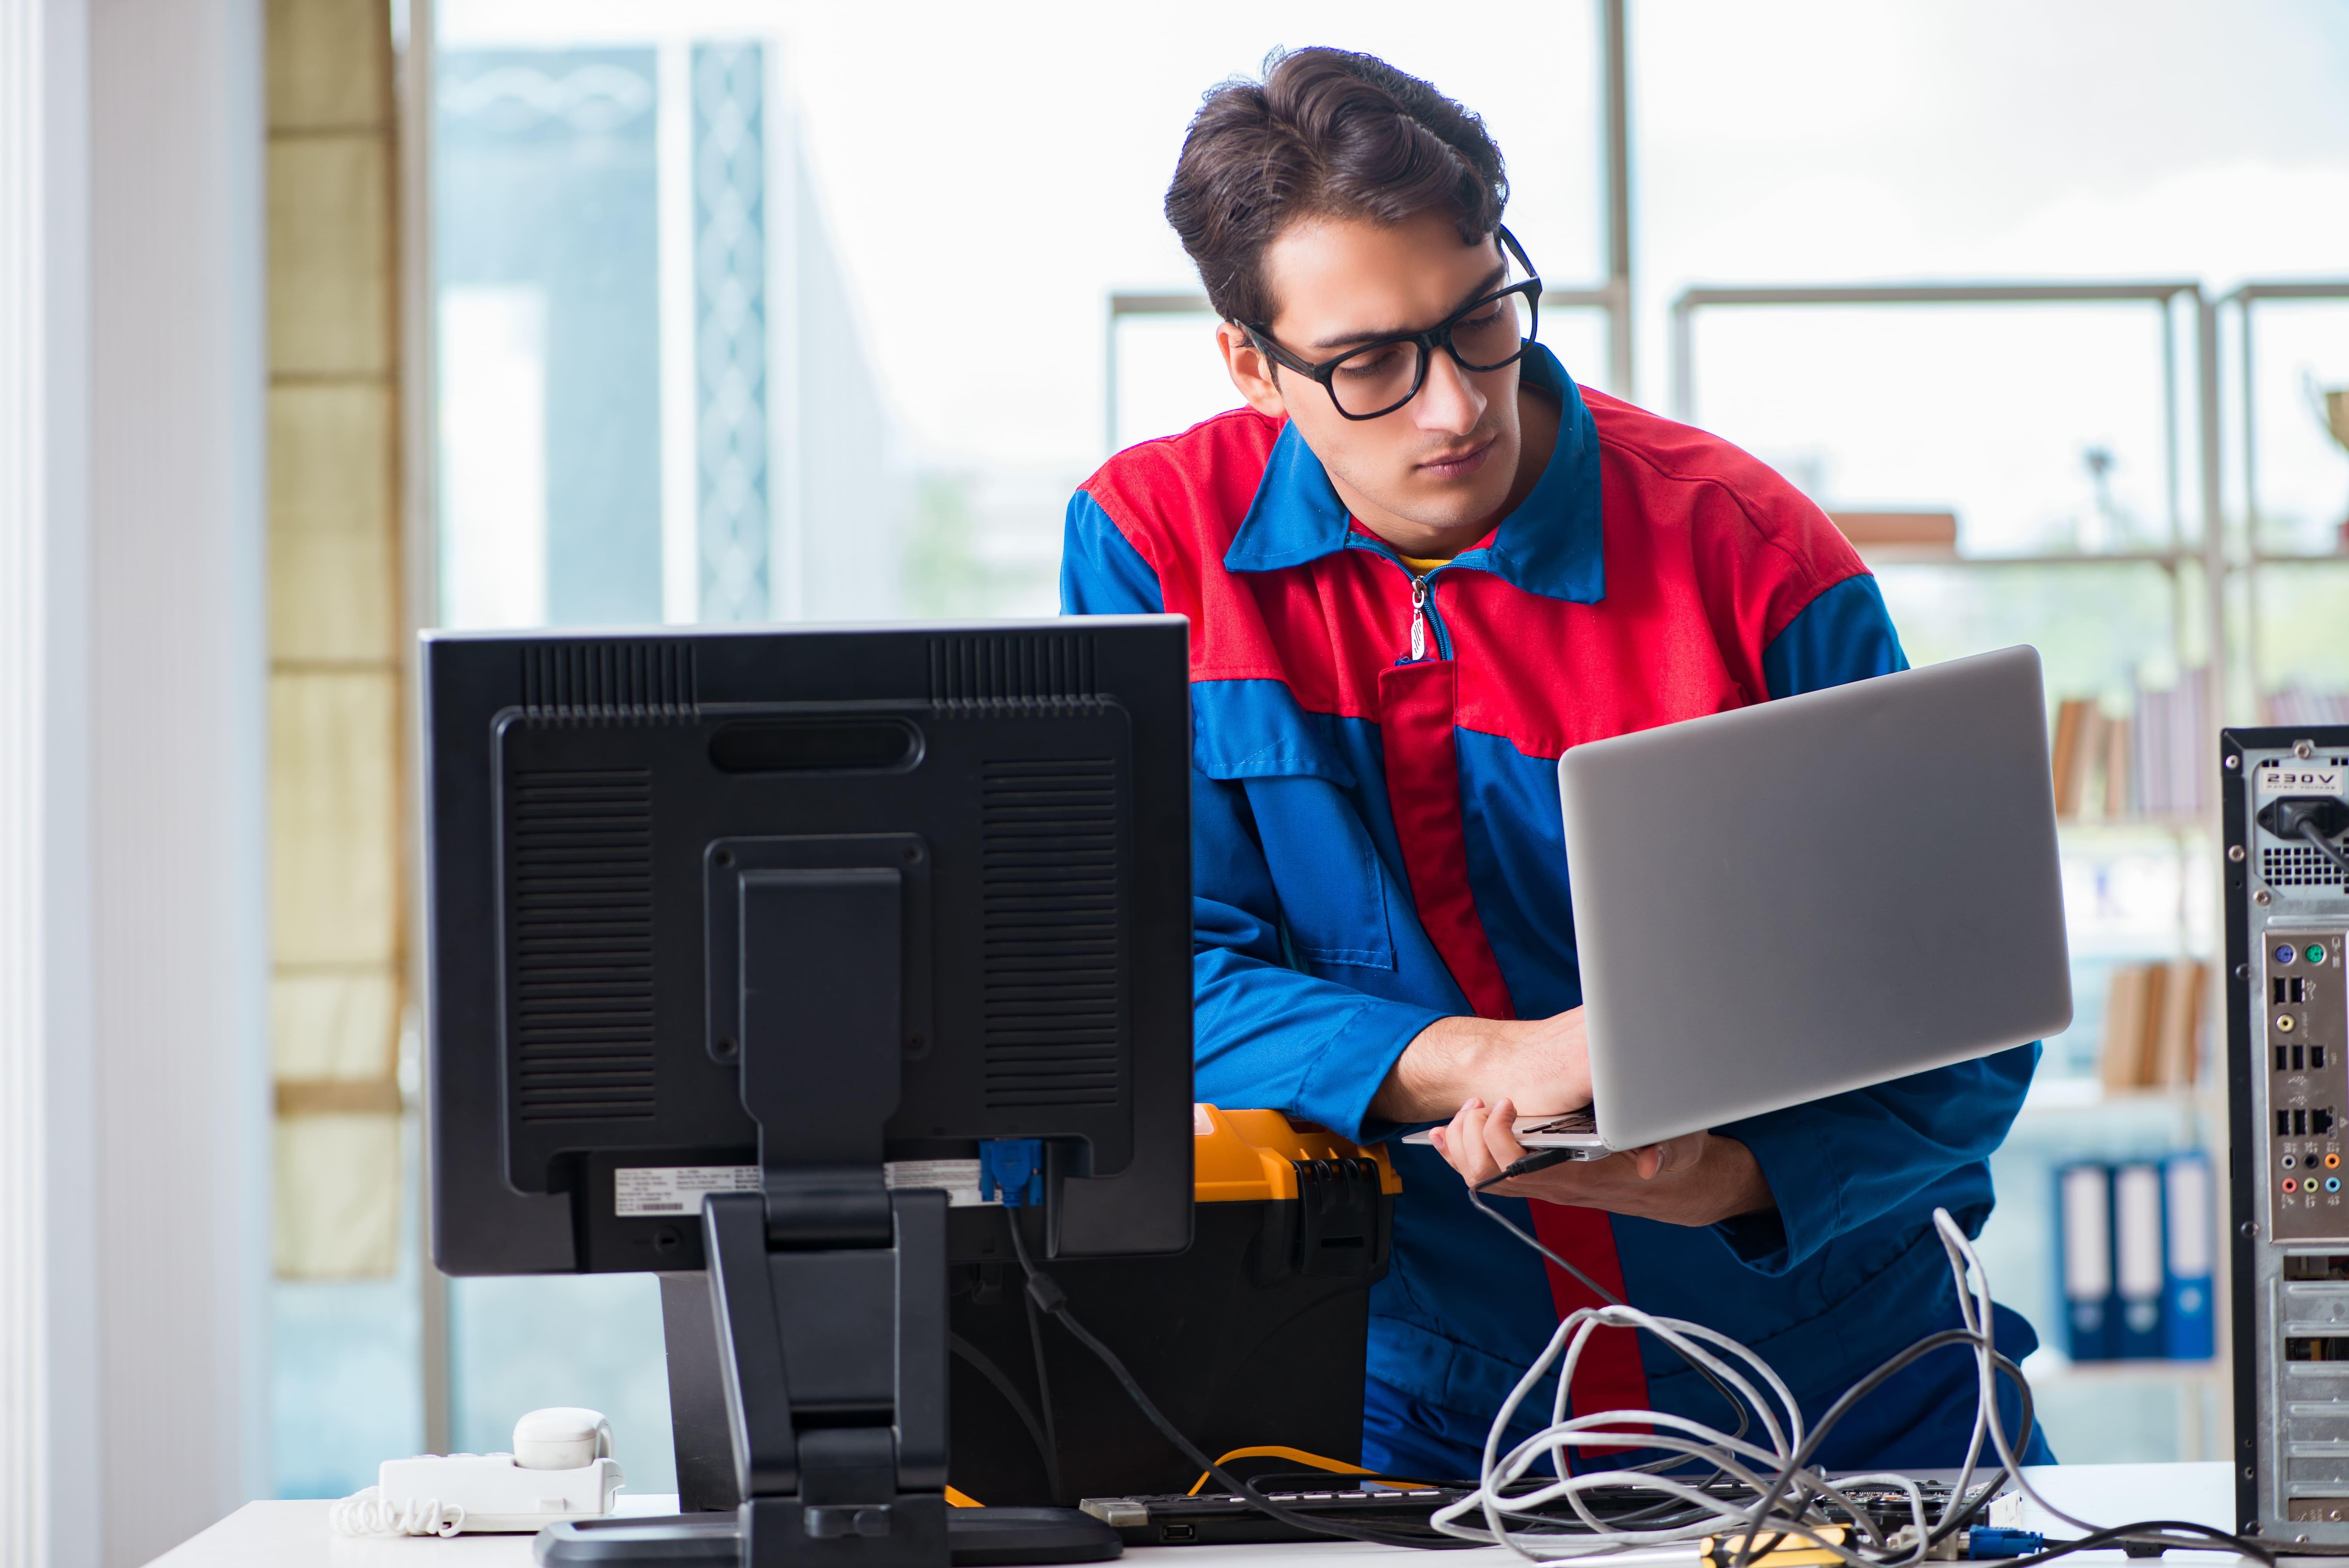 Imagem de um técnico em informática arrumando um computador de uma empresa para inspirar os profissionais que querem abrir uma assistência técnica em informática